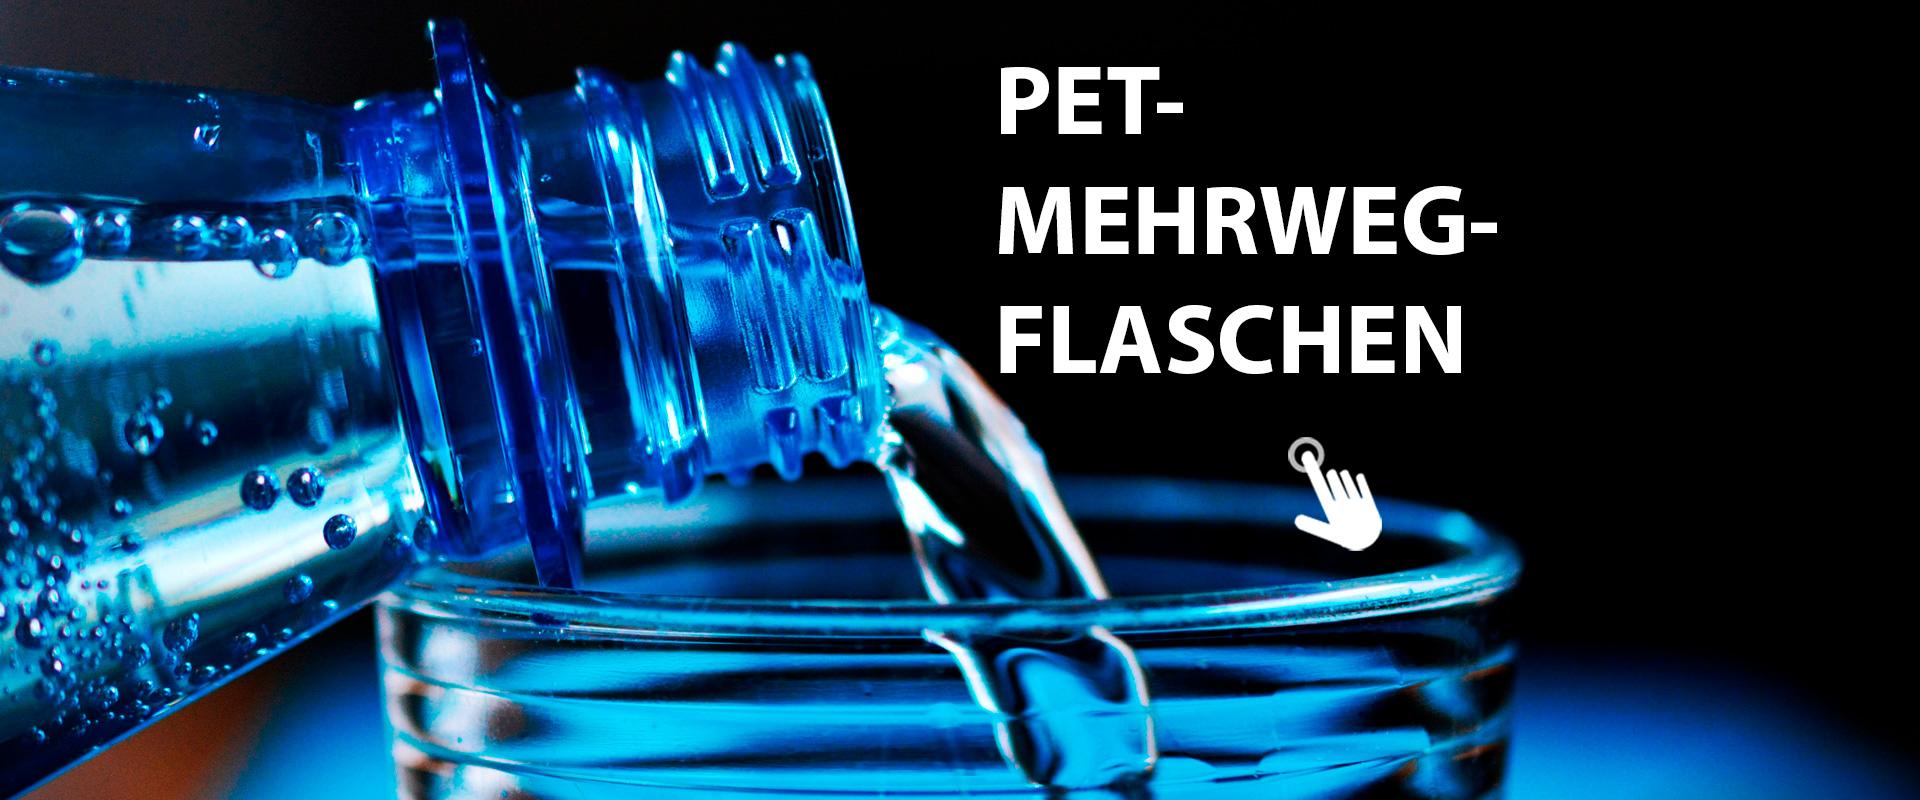 Inspektion von PET-Mehrwegflaschen